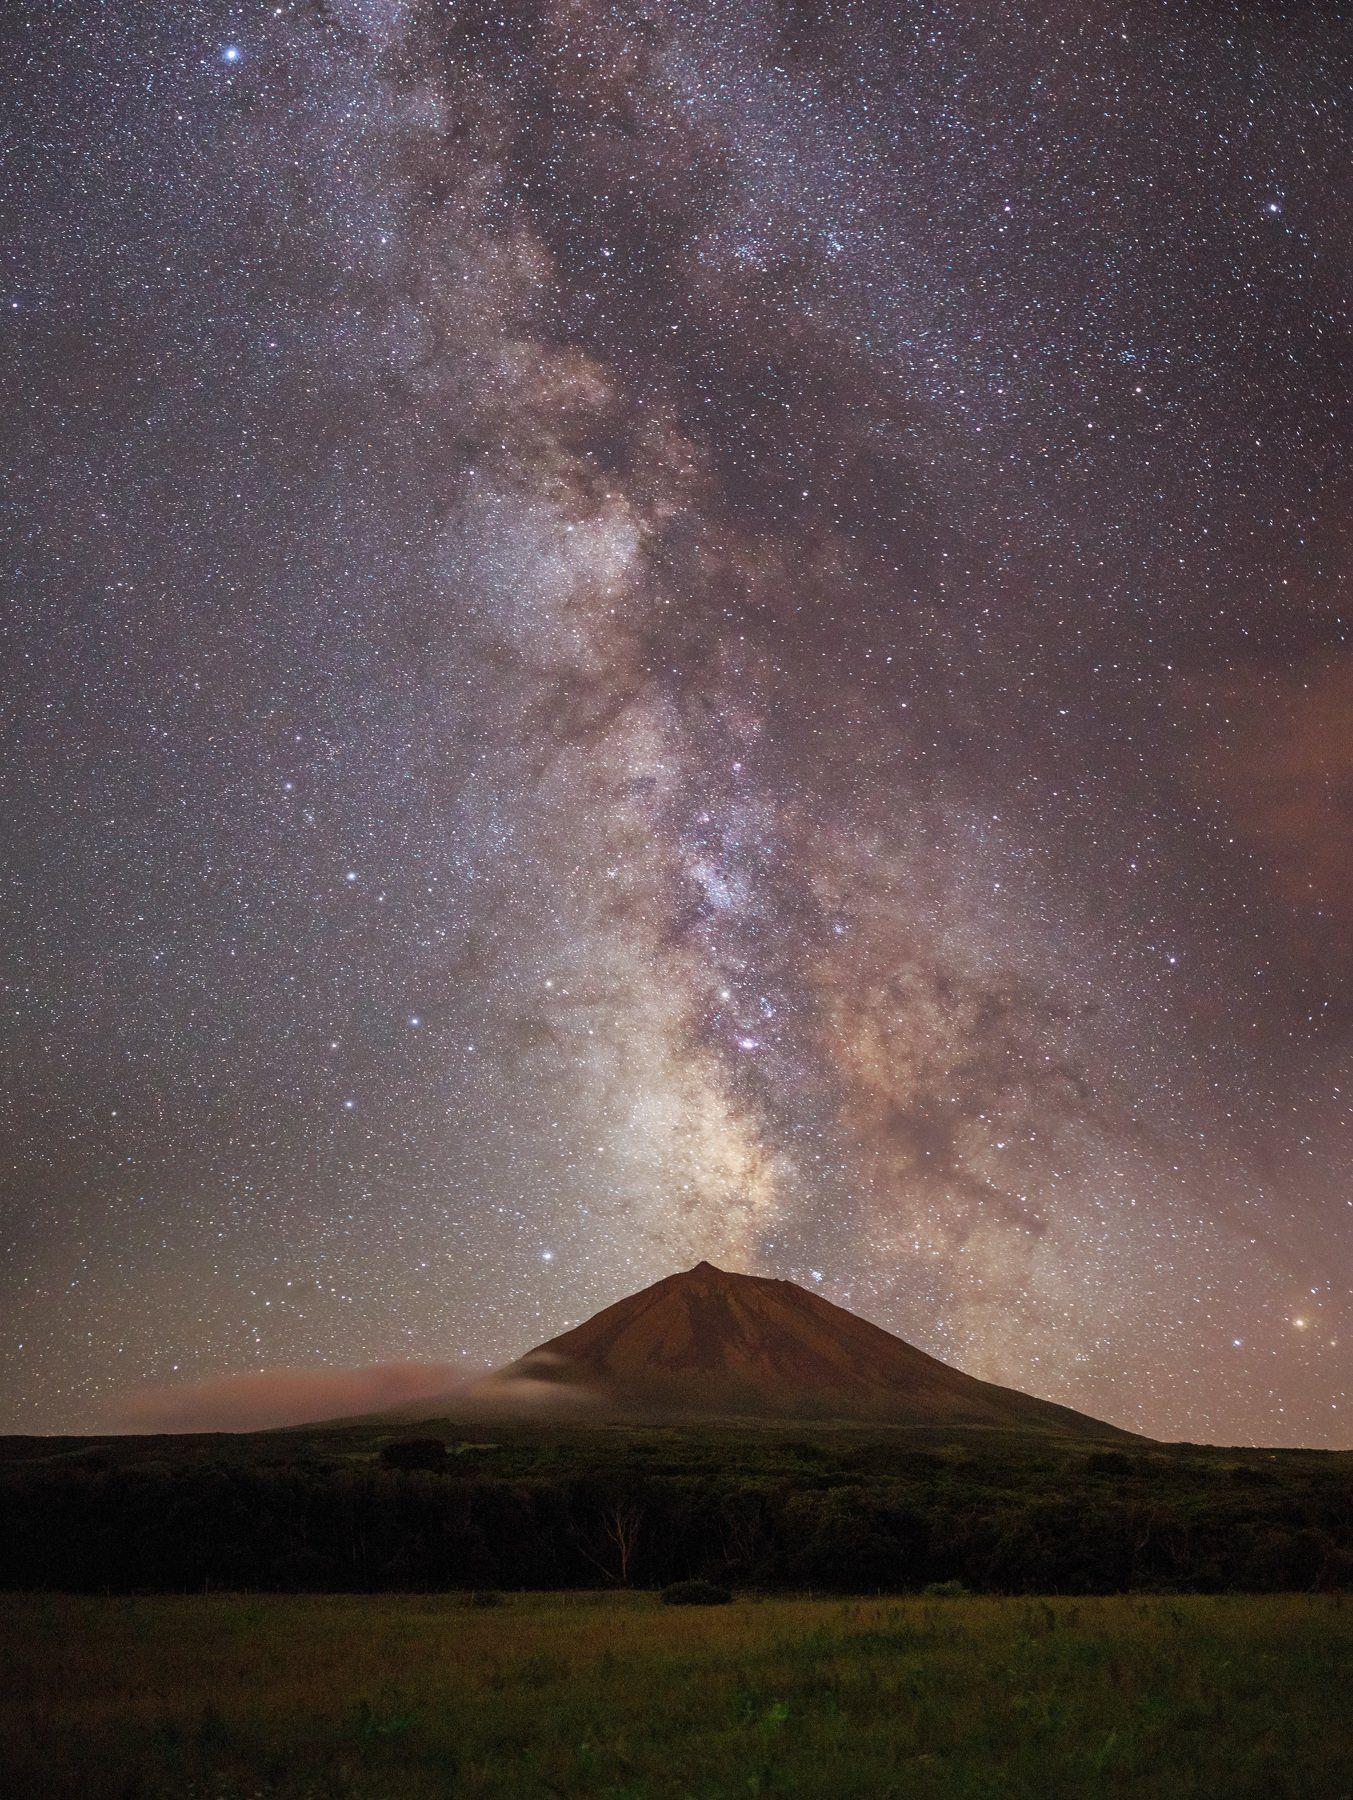 Azores Island, Pico Island, Volcano Pico, Milky Way, Vitalis Vasylius